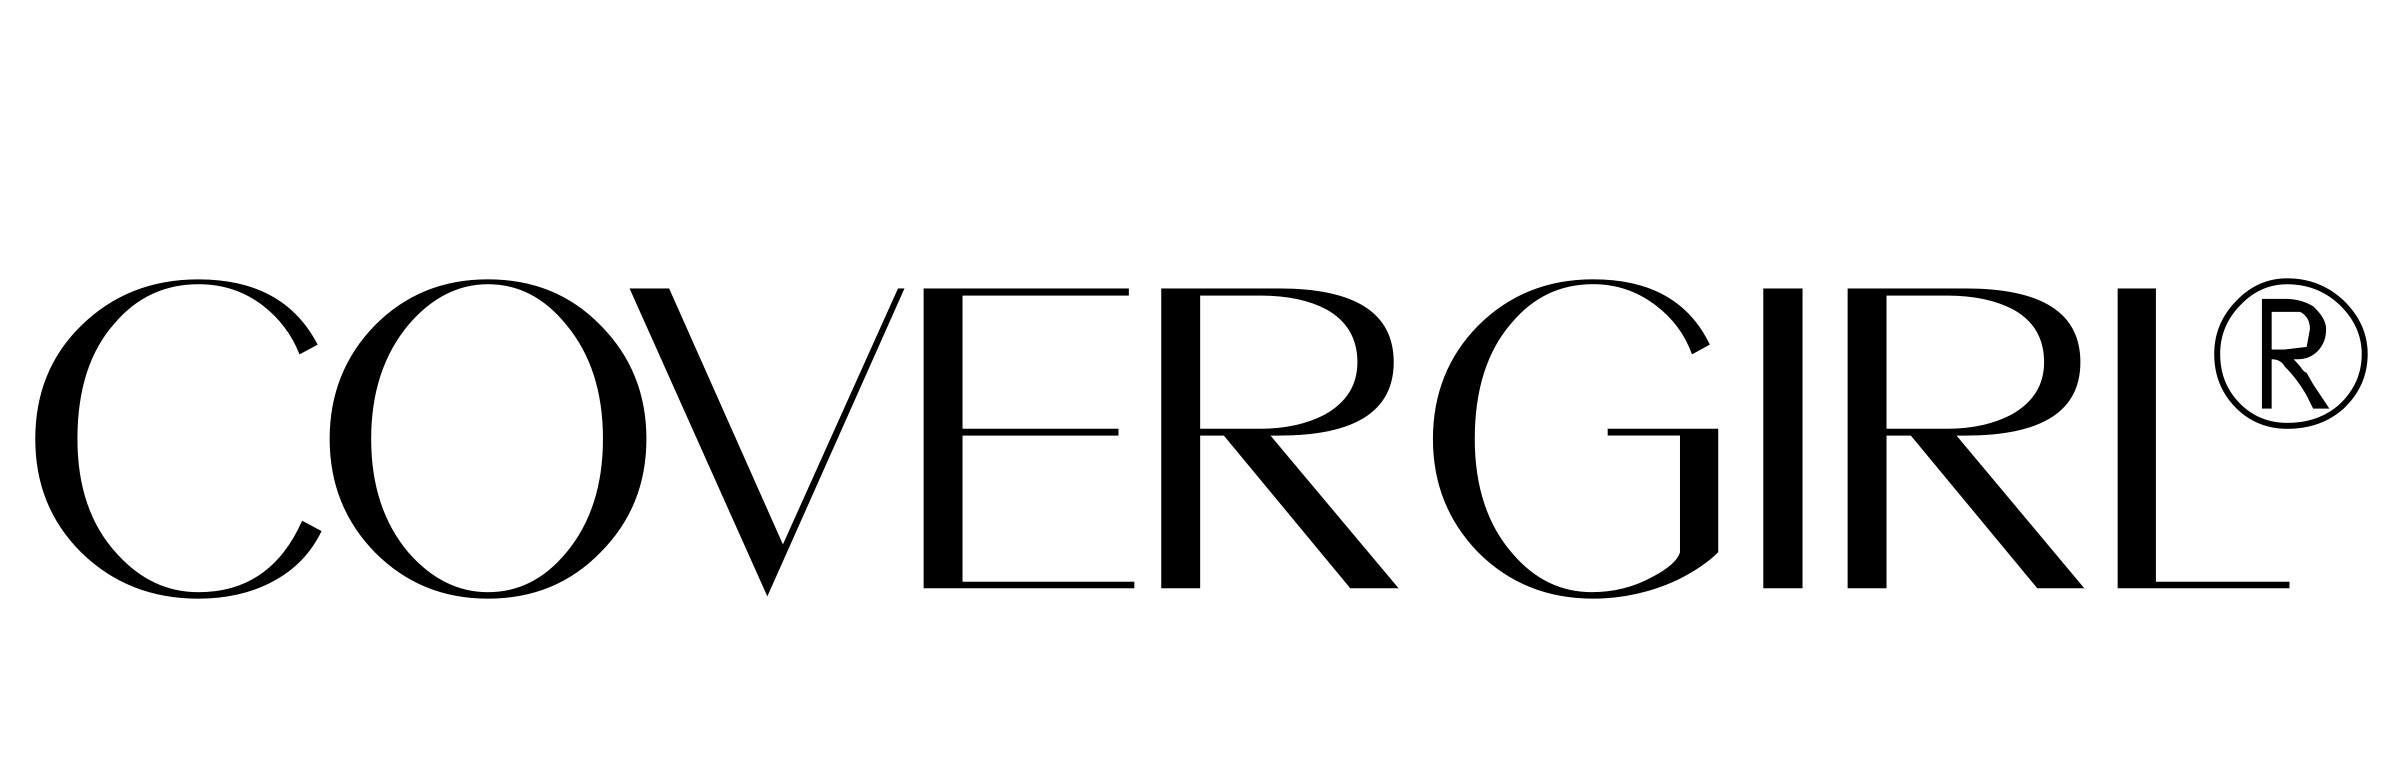 Covergirl+logo.jpg